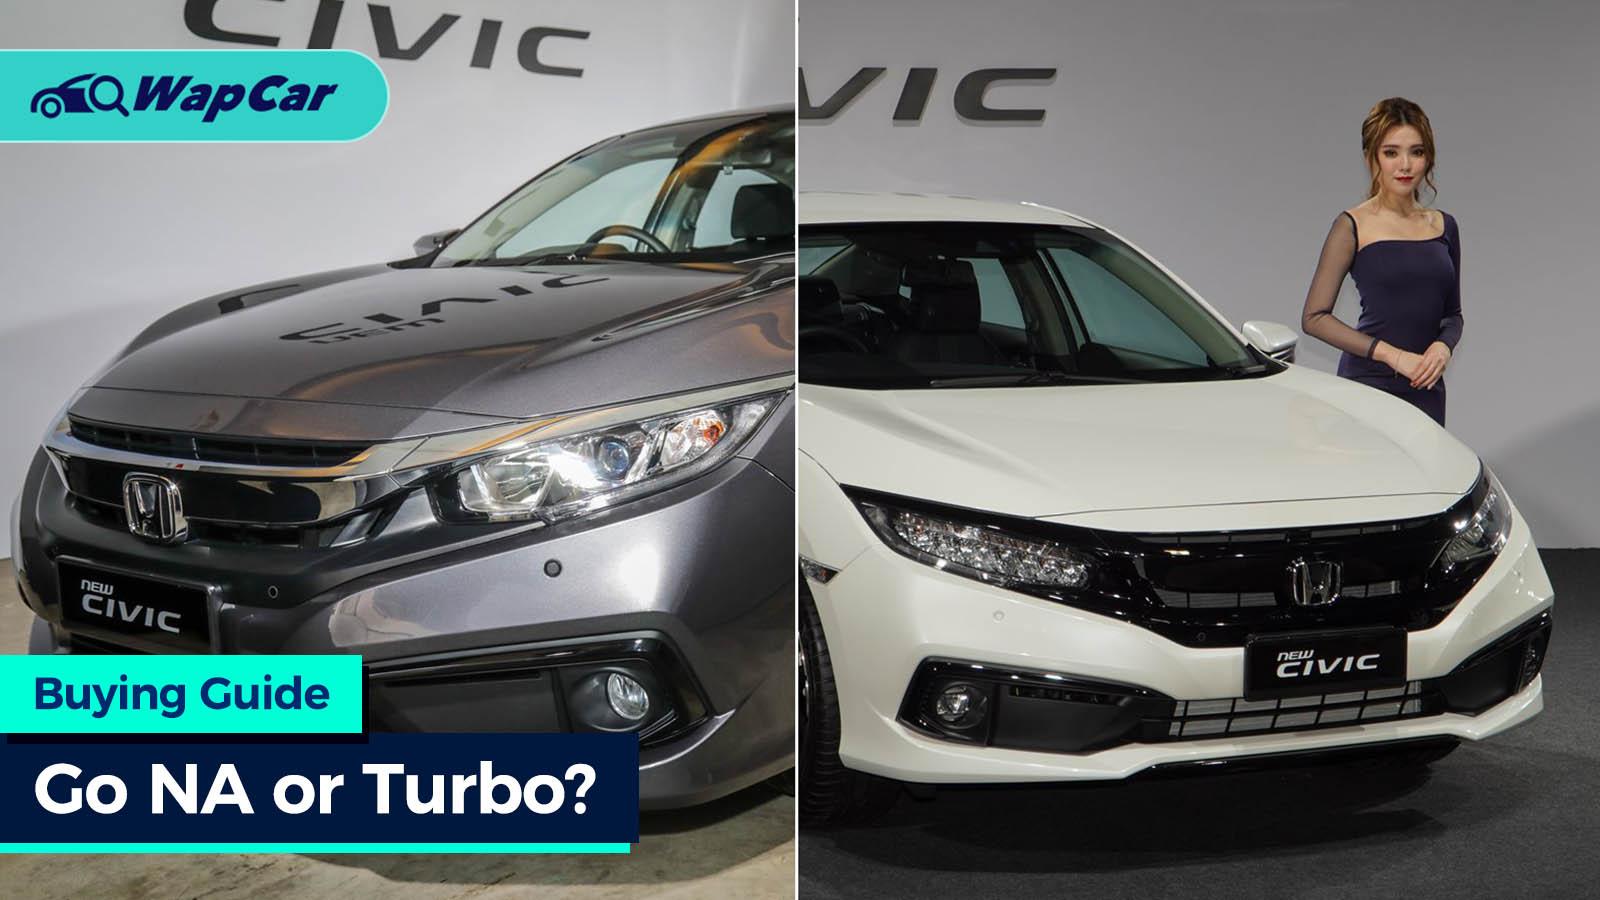 Kekurangan Harga Mobil Civic Turbo Perbandingan Harga